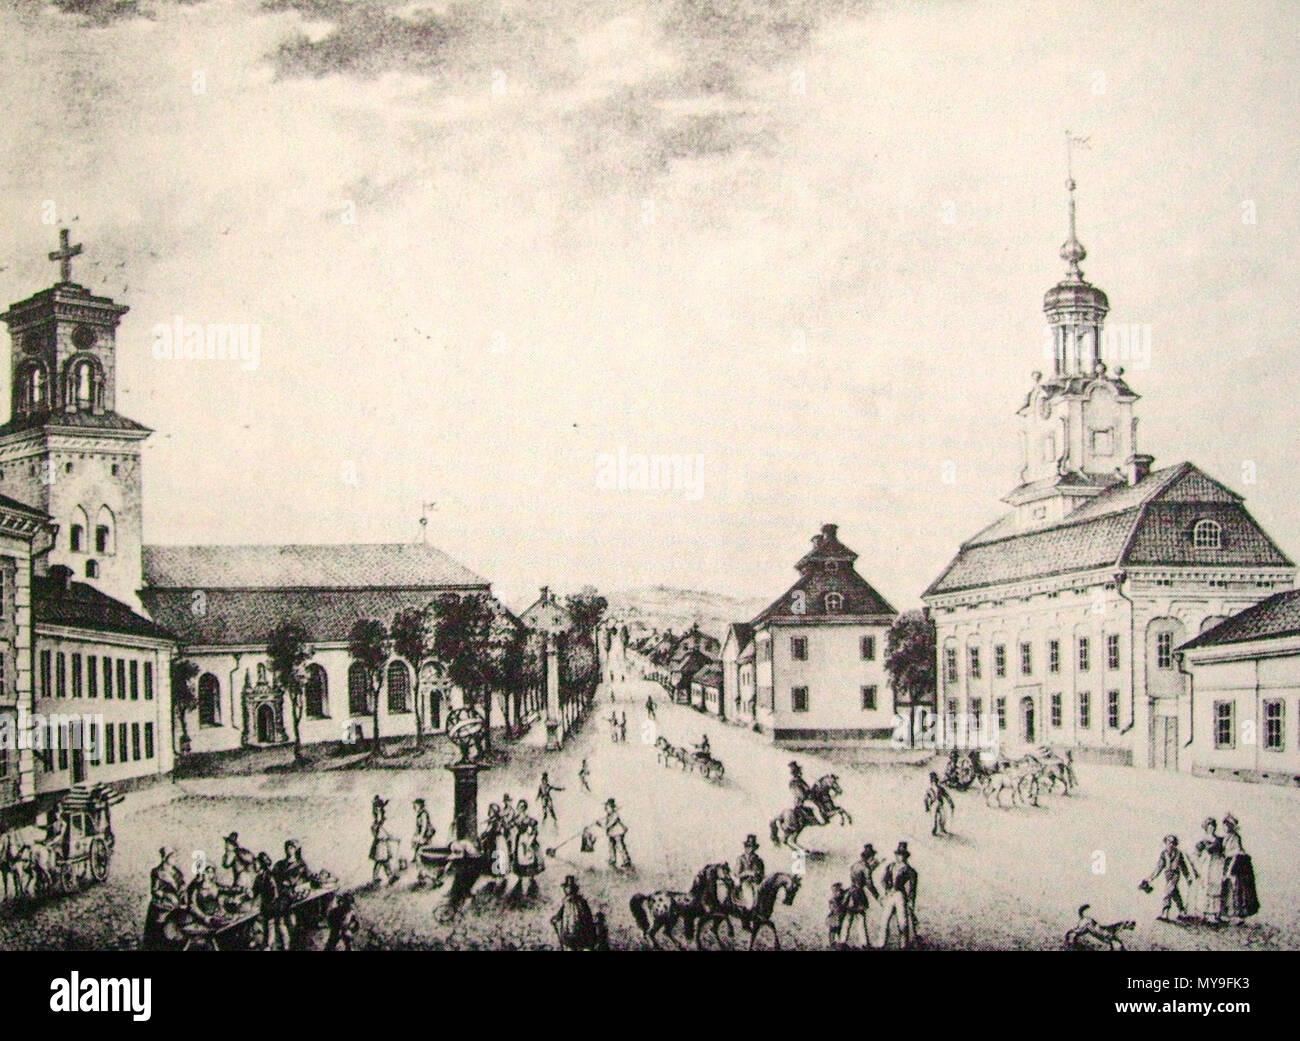 504 Stora torget, Nyköping. Att förnya gammal bygd. Södertälje 1974. Gravyr E. Fr. Martin 1840 - Stock Image